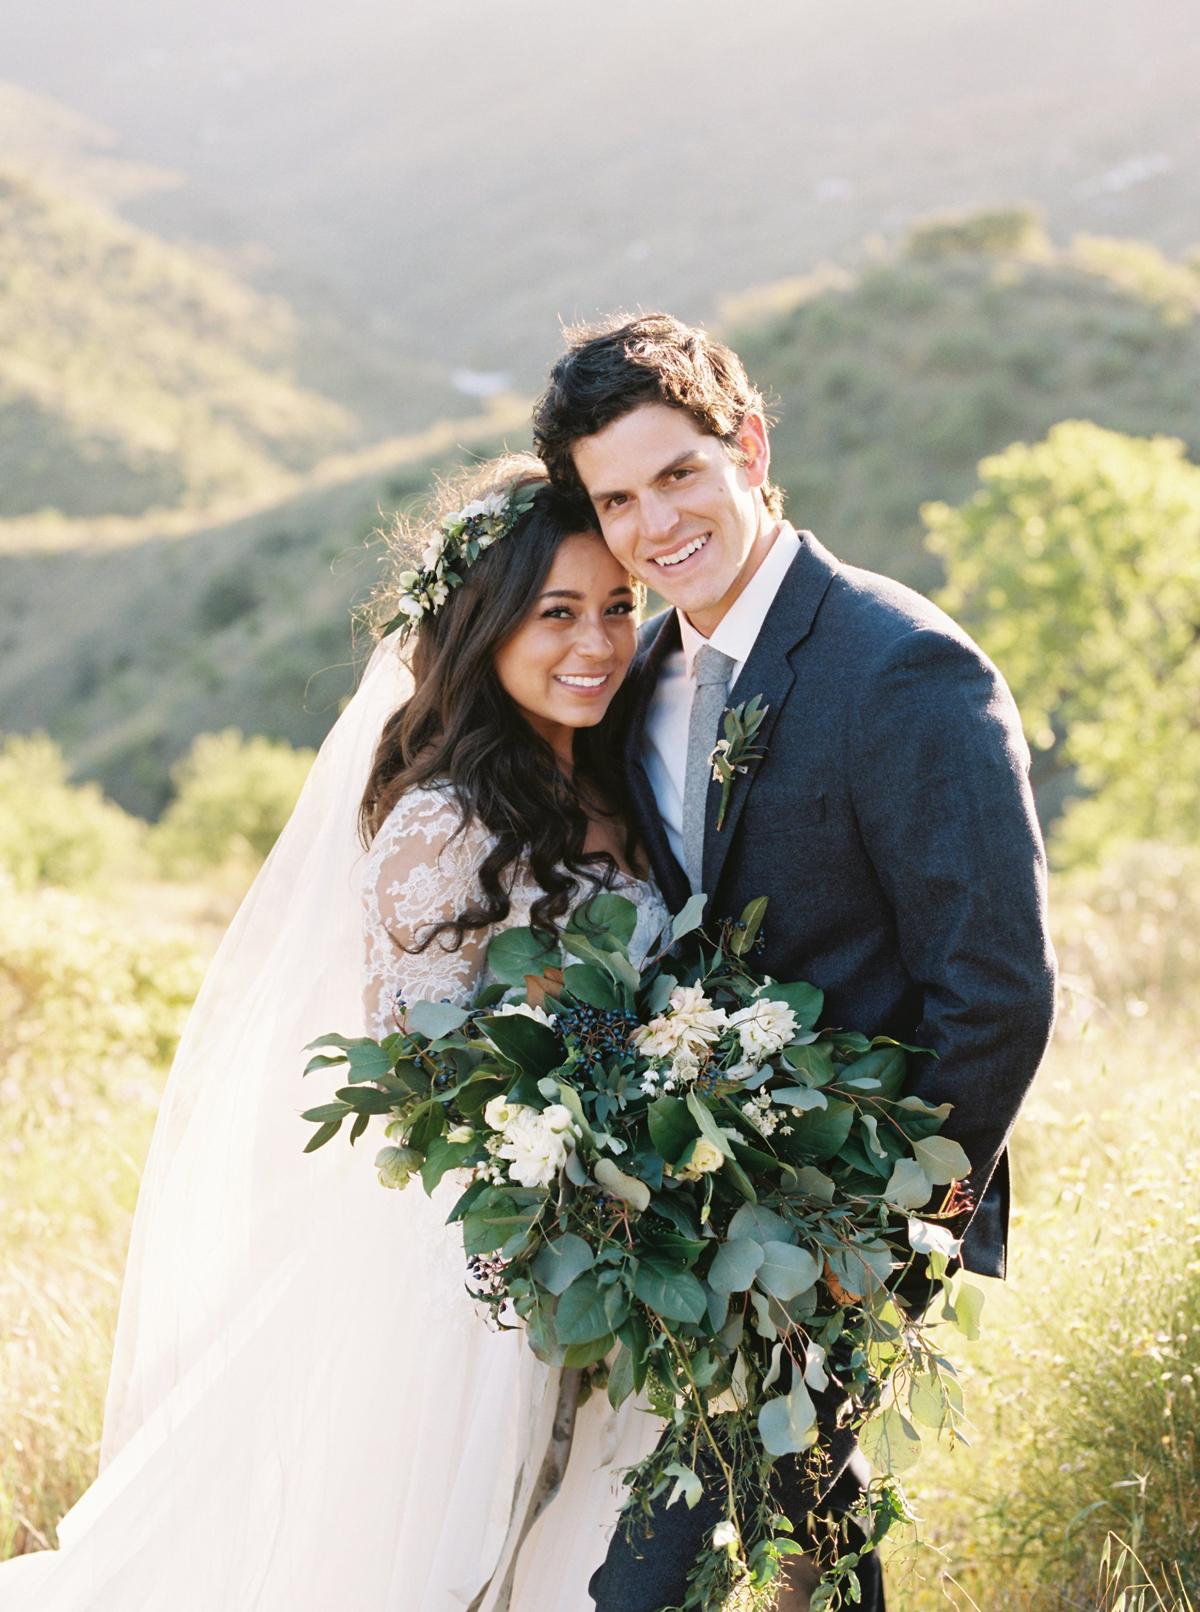 daphne jack wedding spain couple smiling